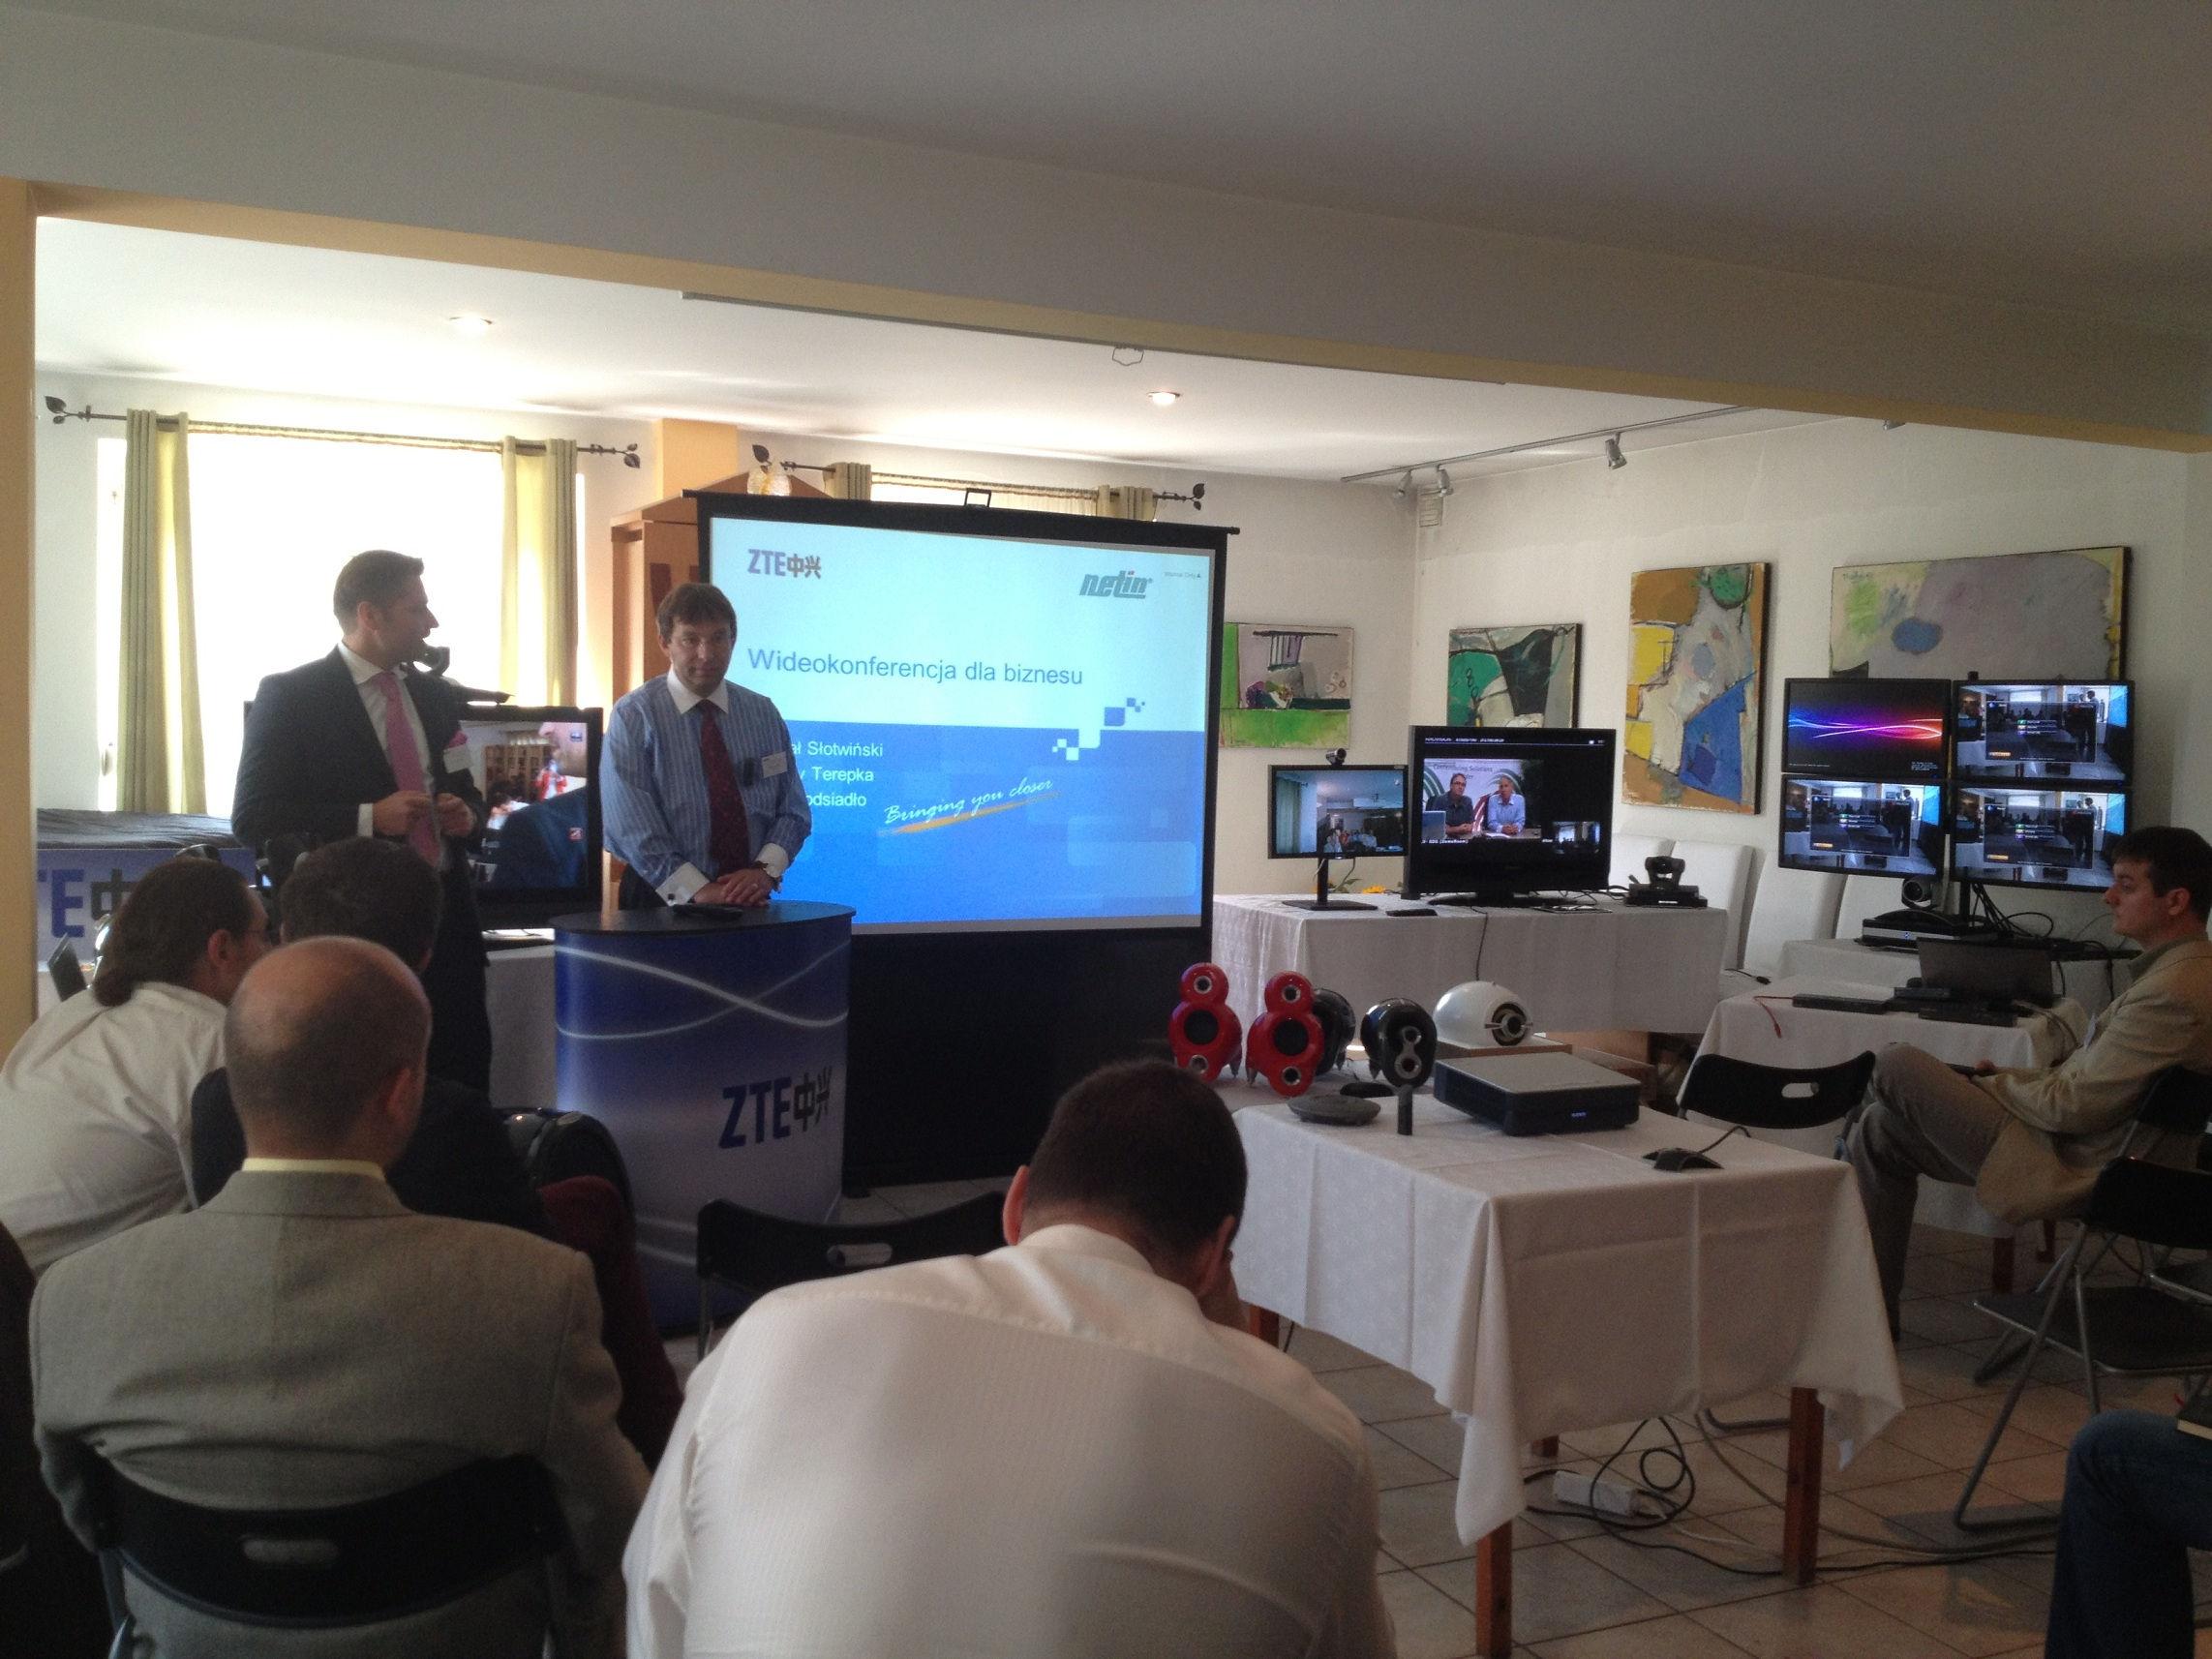 Netin dystrybutorem systemów wideokonferencyjnych ZTE